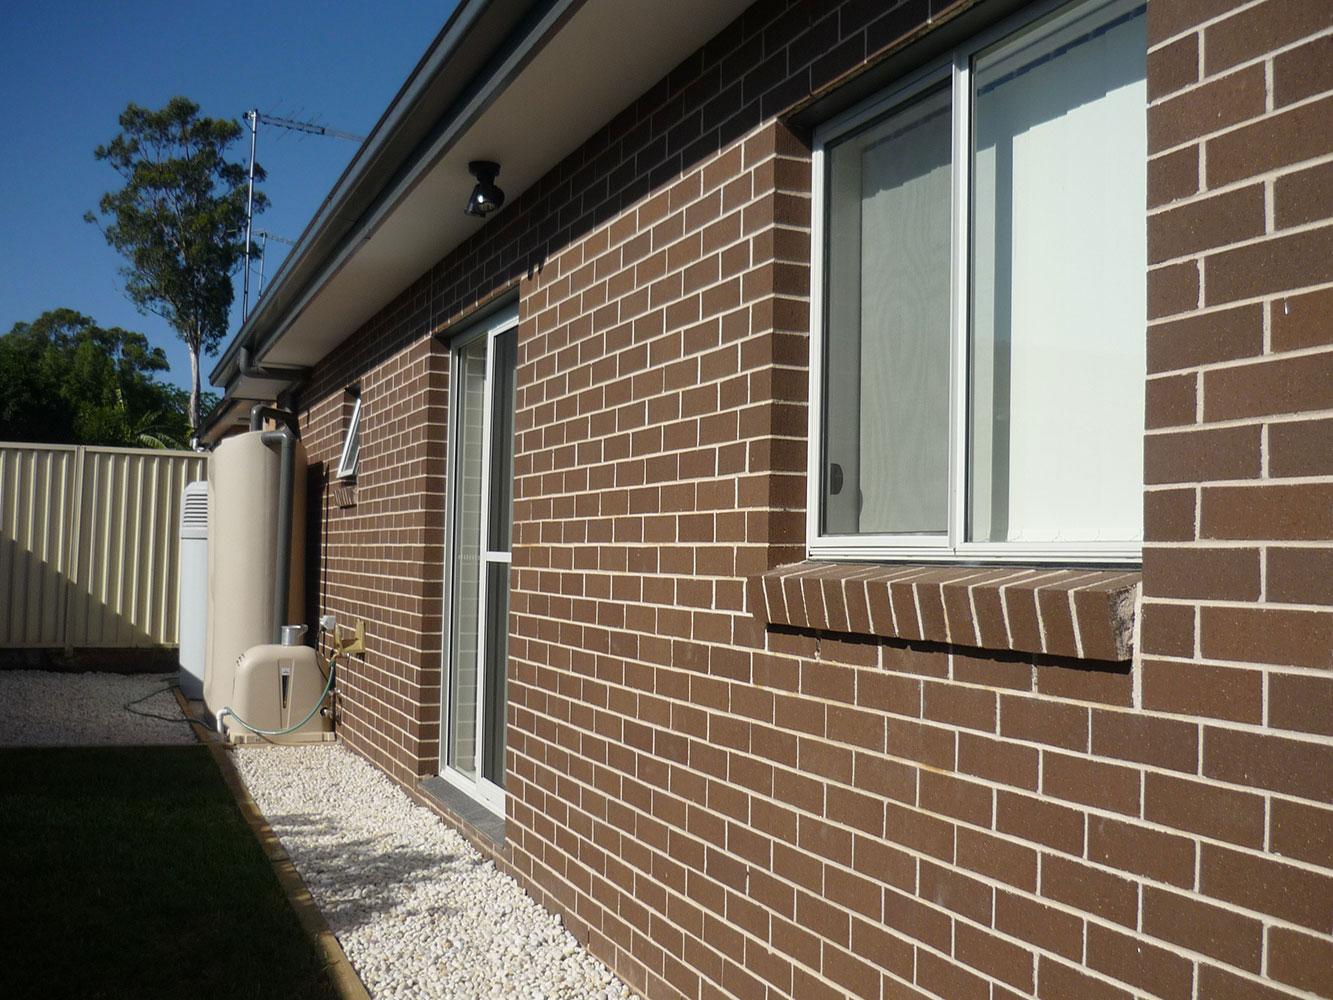 Brick granny external 2.4